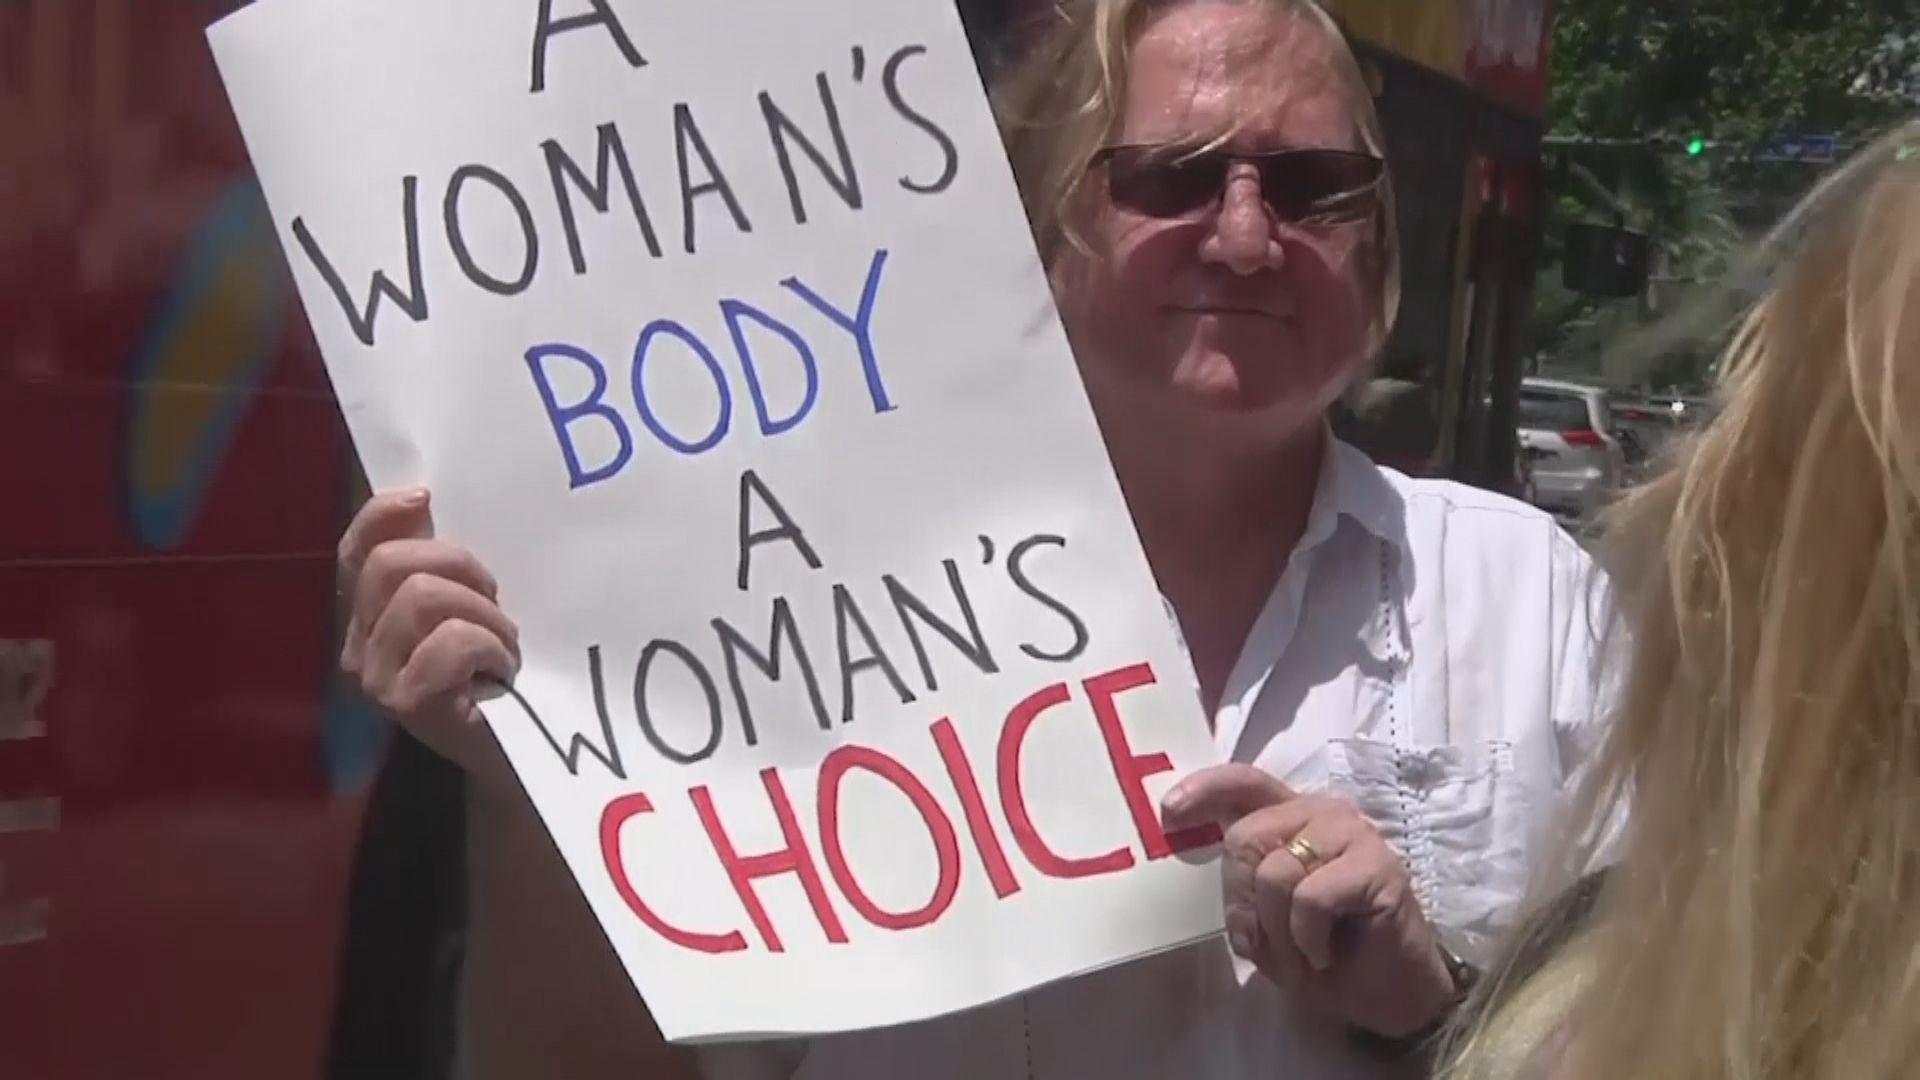 【環球薈報】墨西哥最高法院宣布墮胎非刑事化